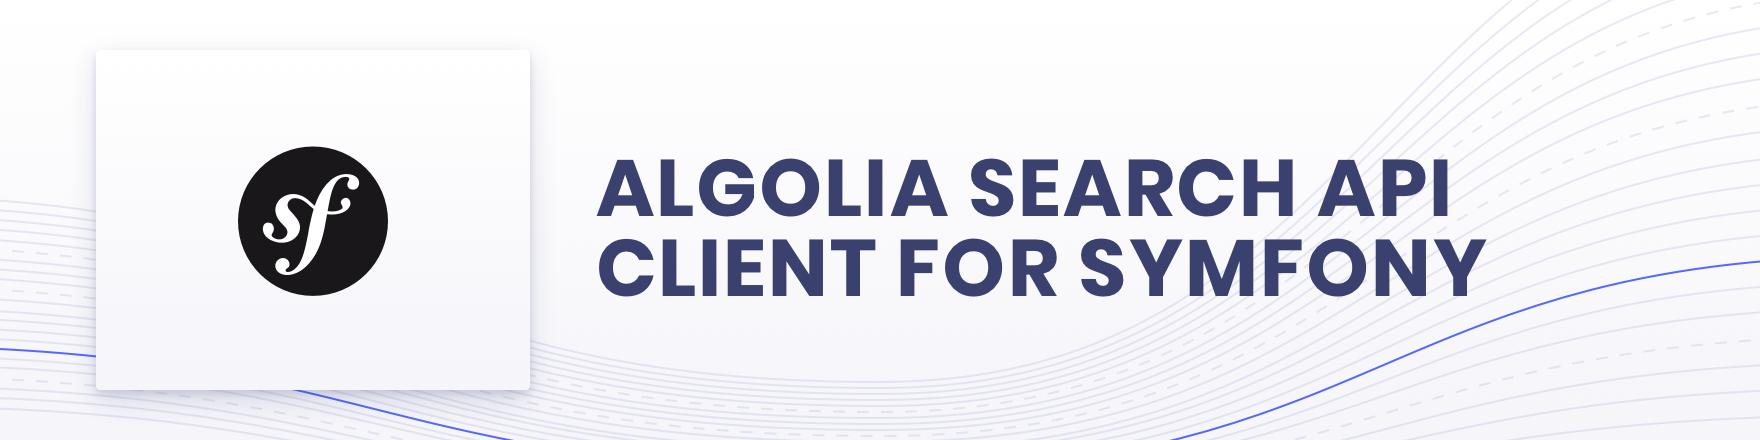 Algolia for Symfony